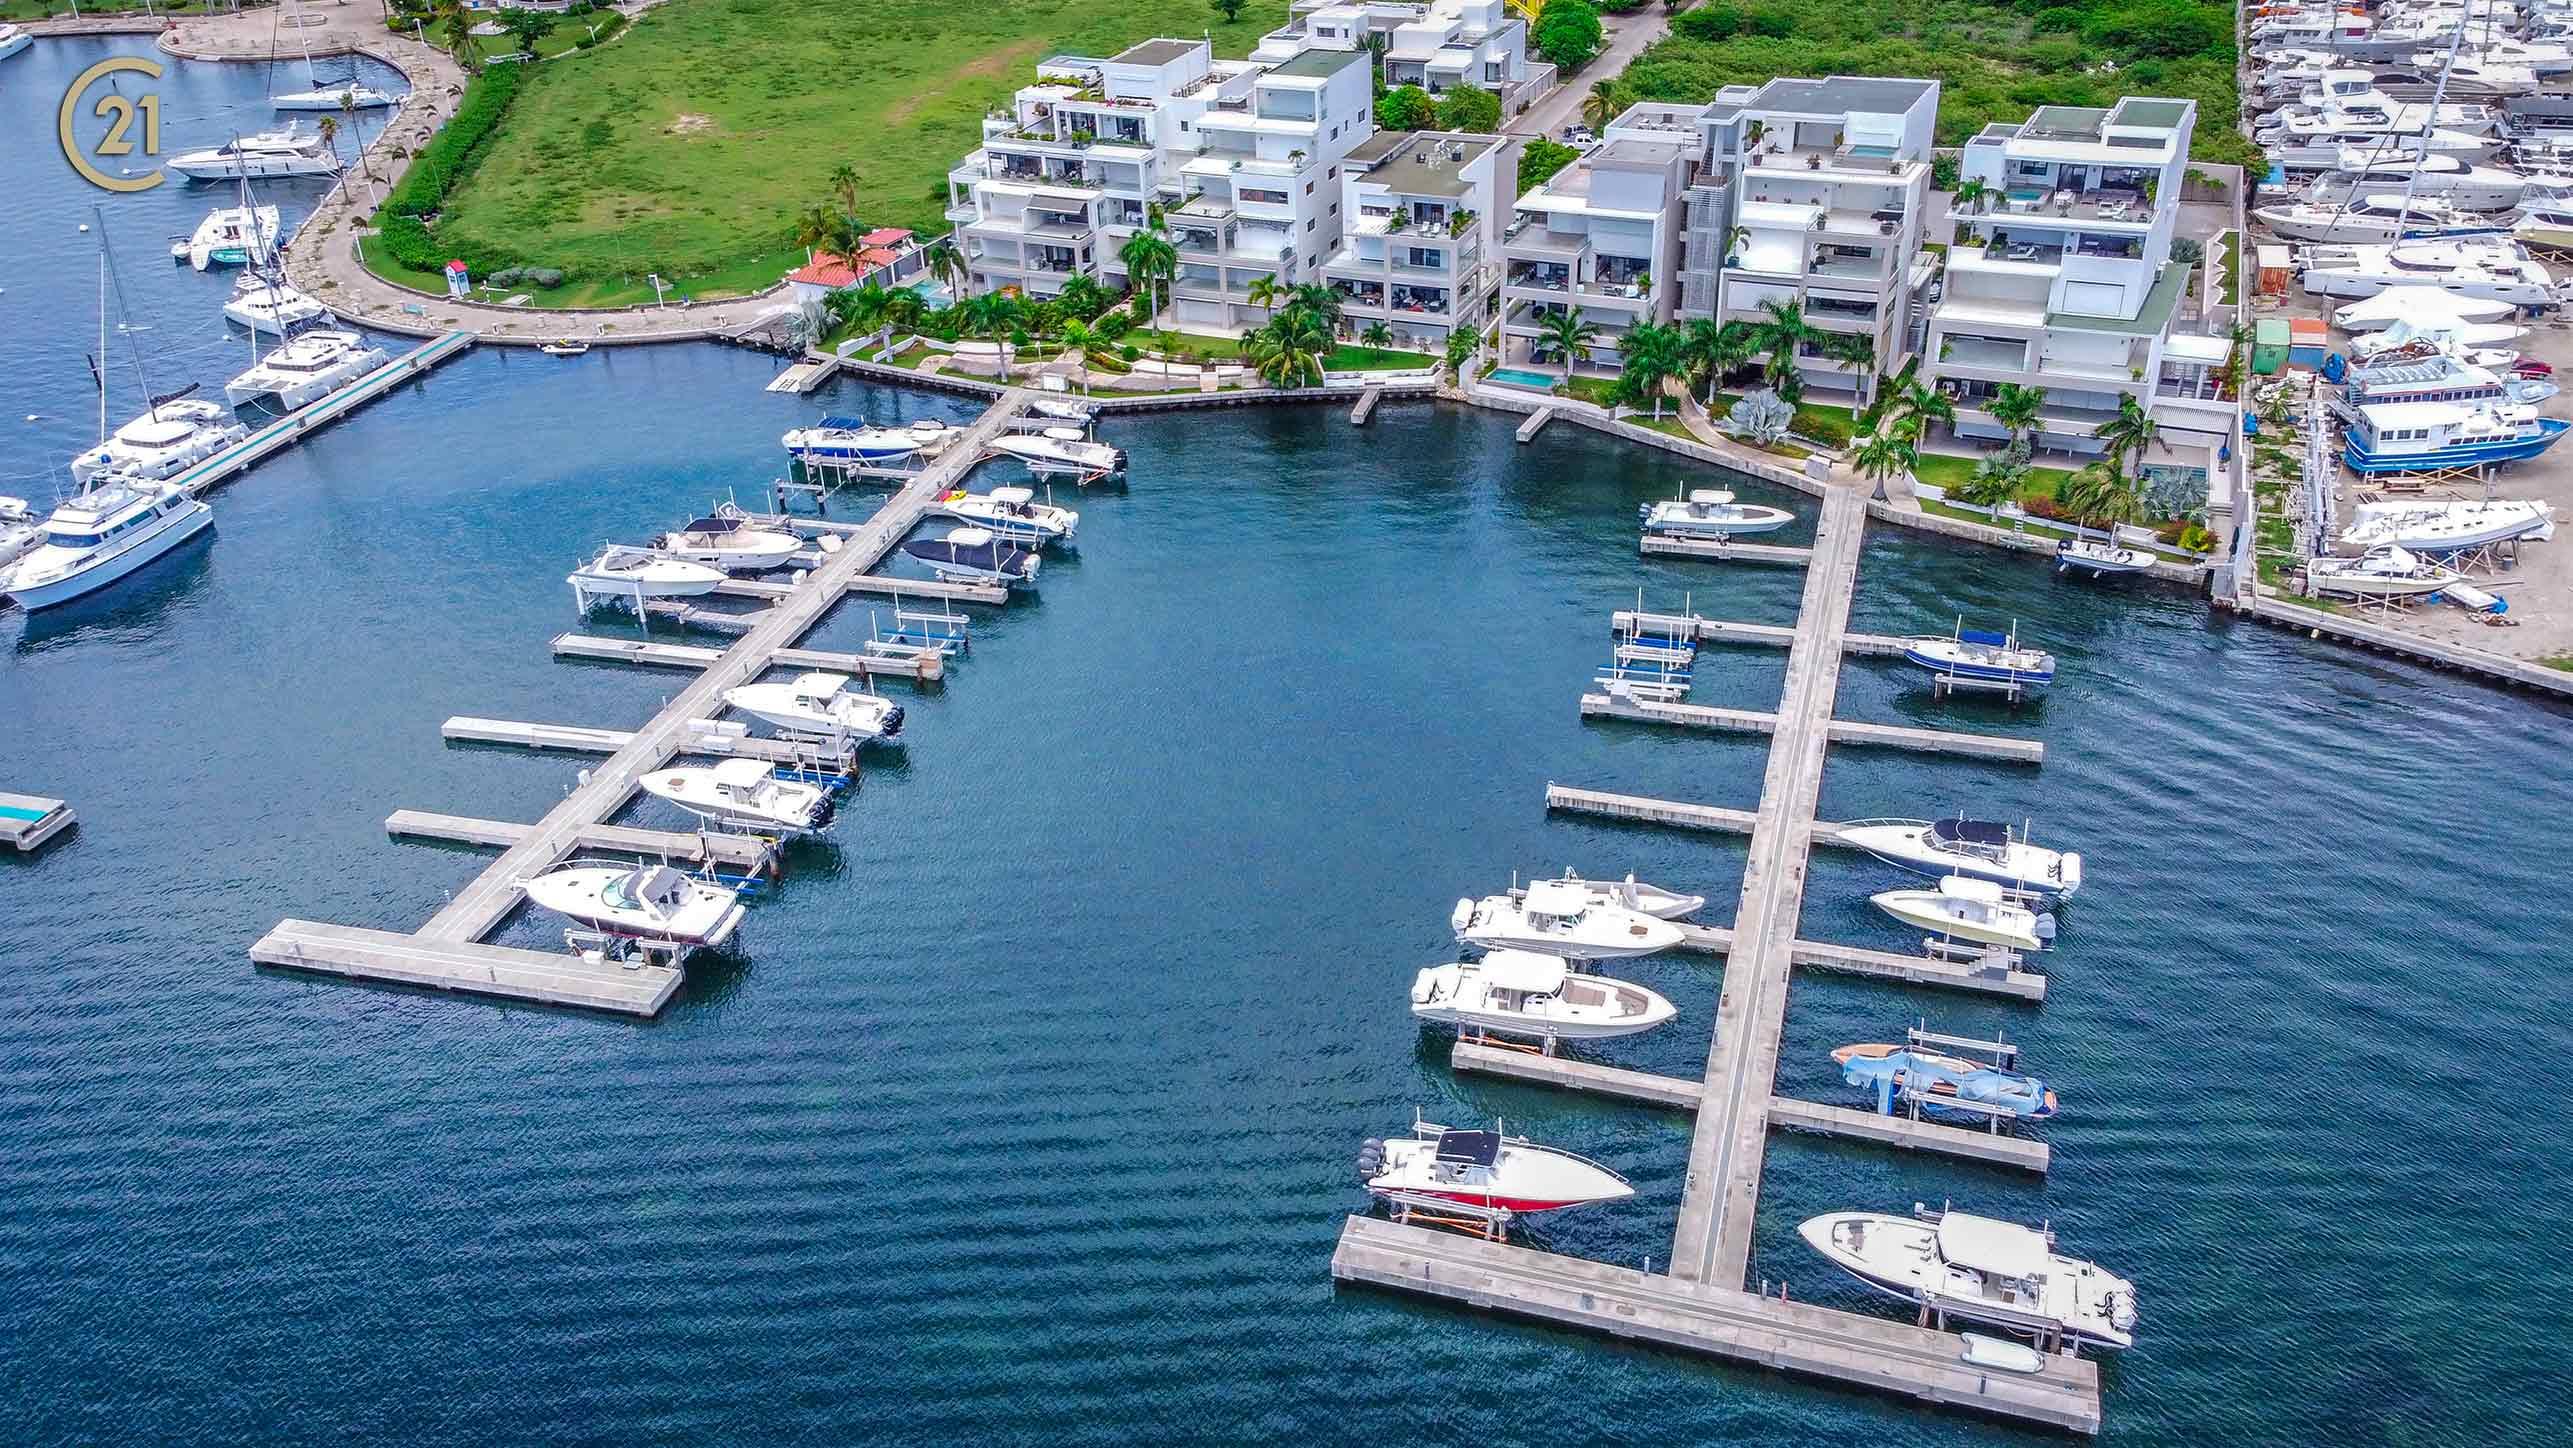 Las Brisas St Maarten Marina